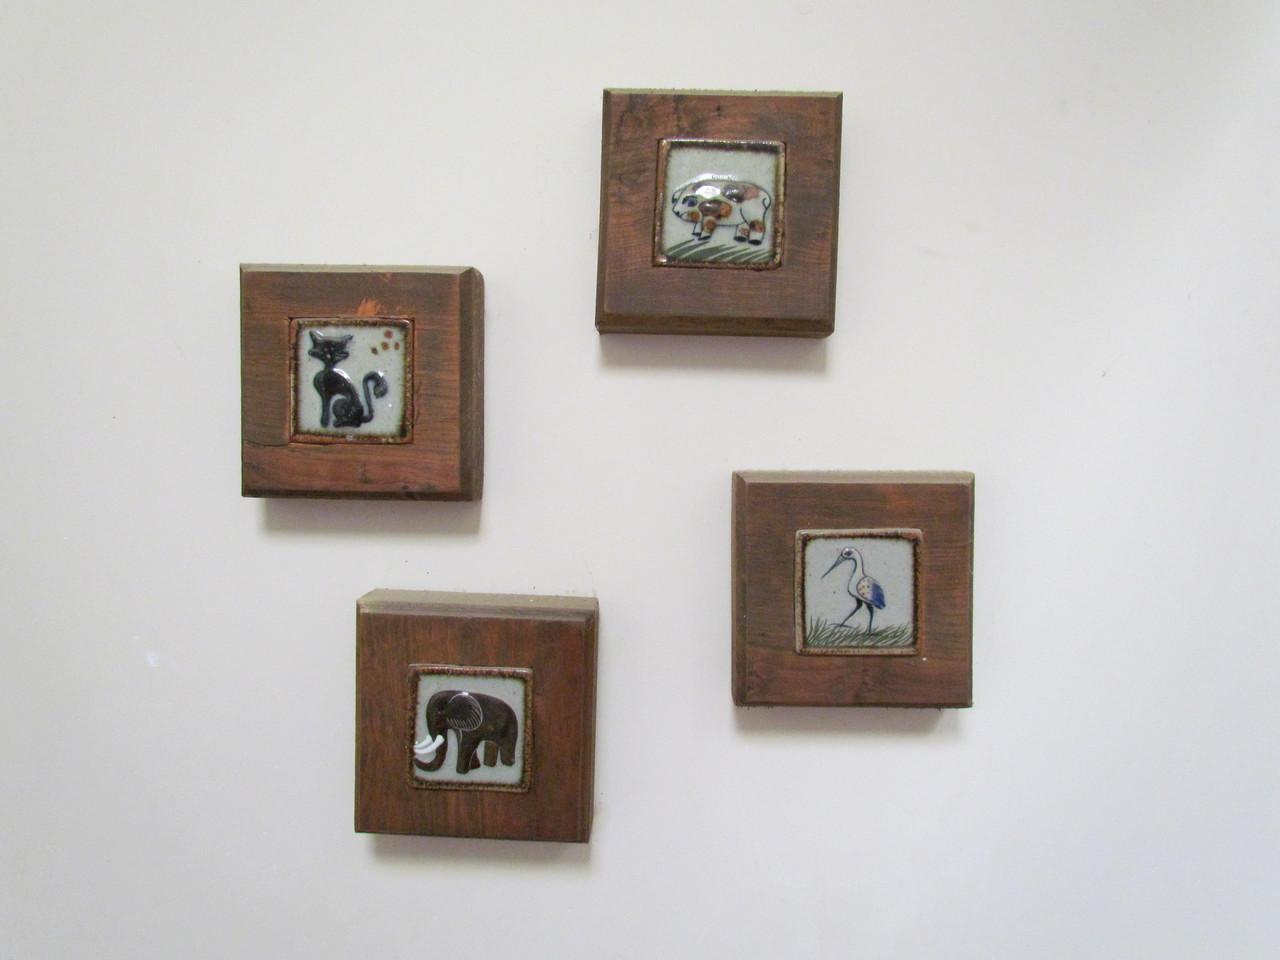 Marcos reutilizando madera con azulejos artesanales